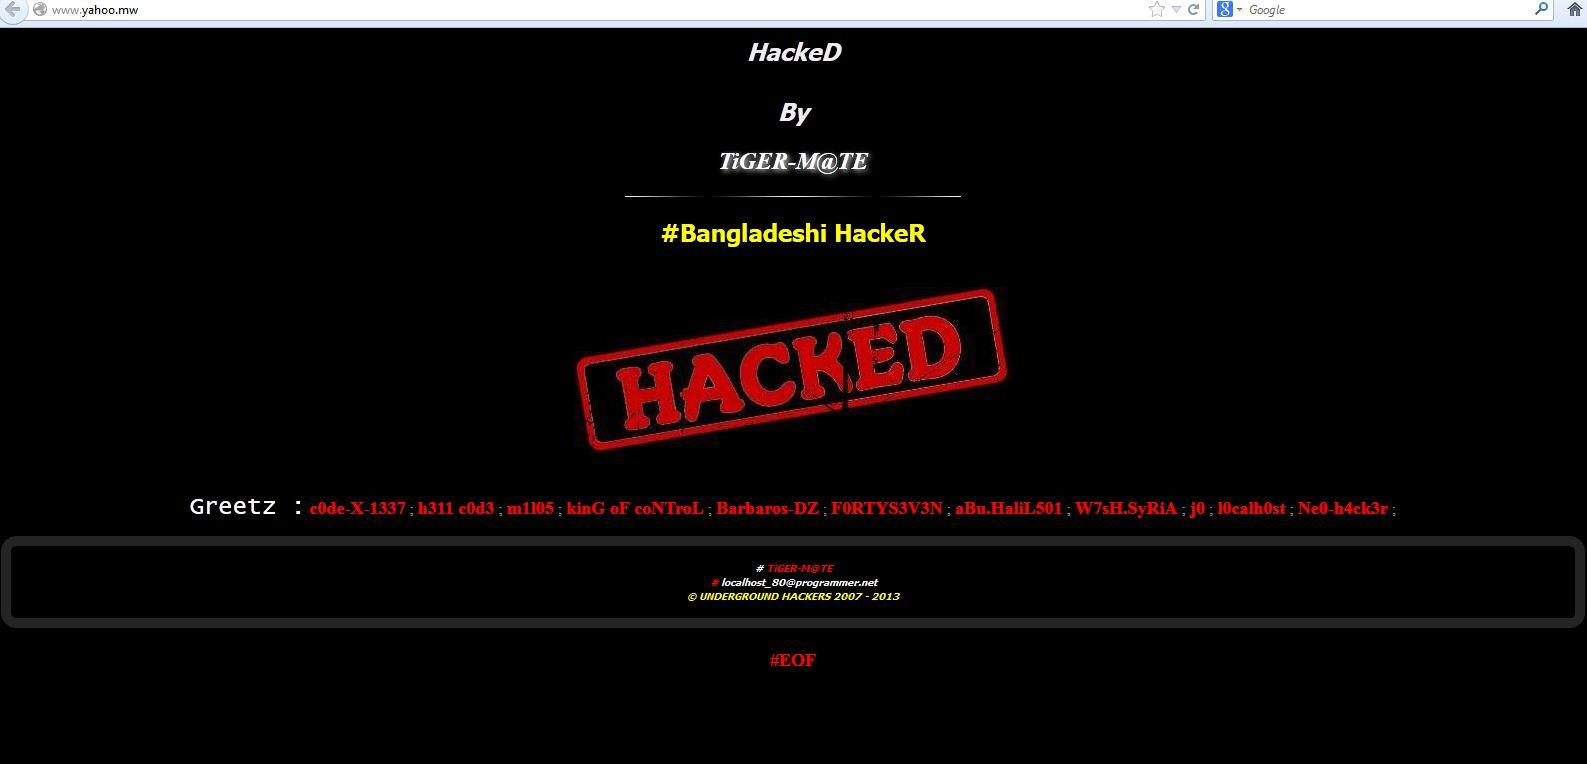 page mobile websites hookups malawi